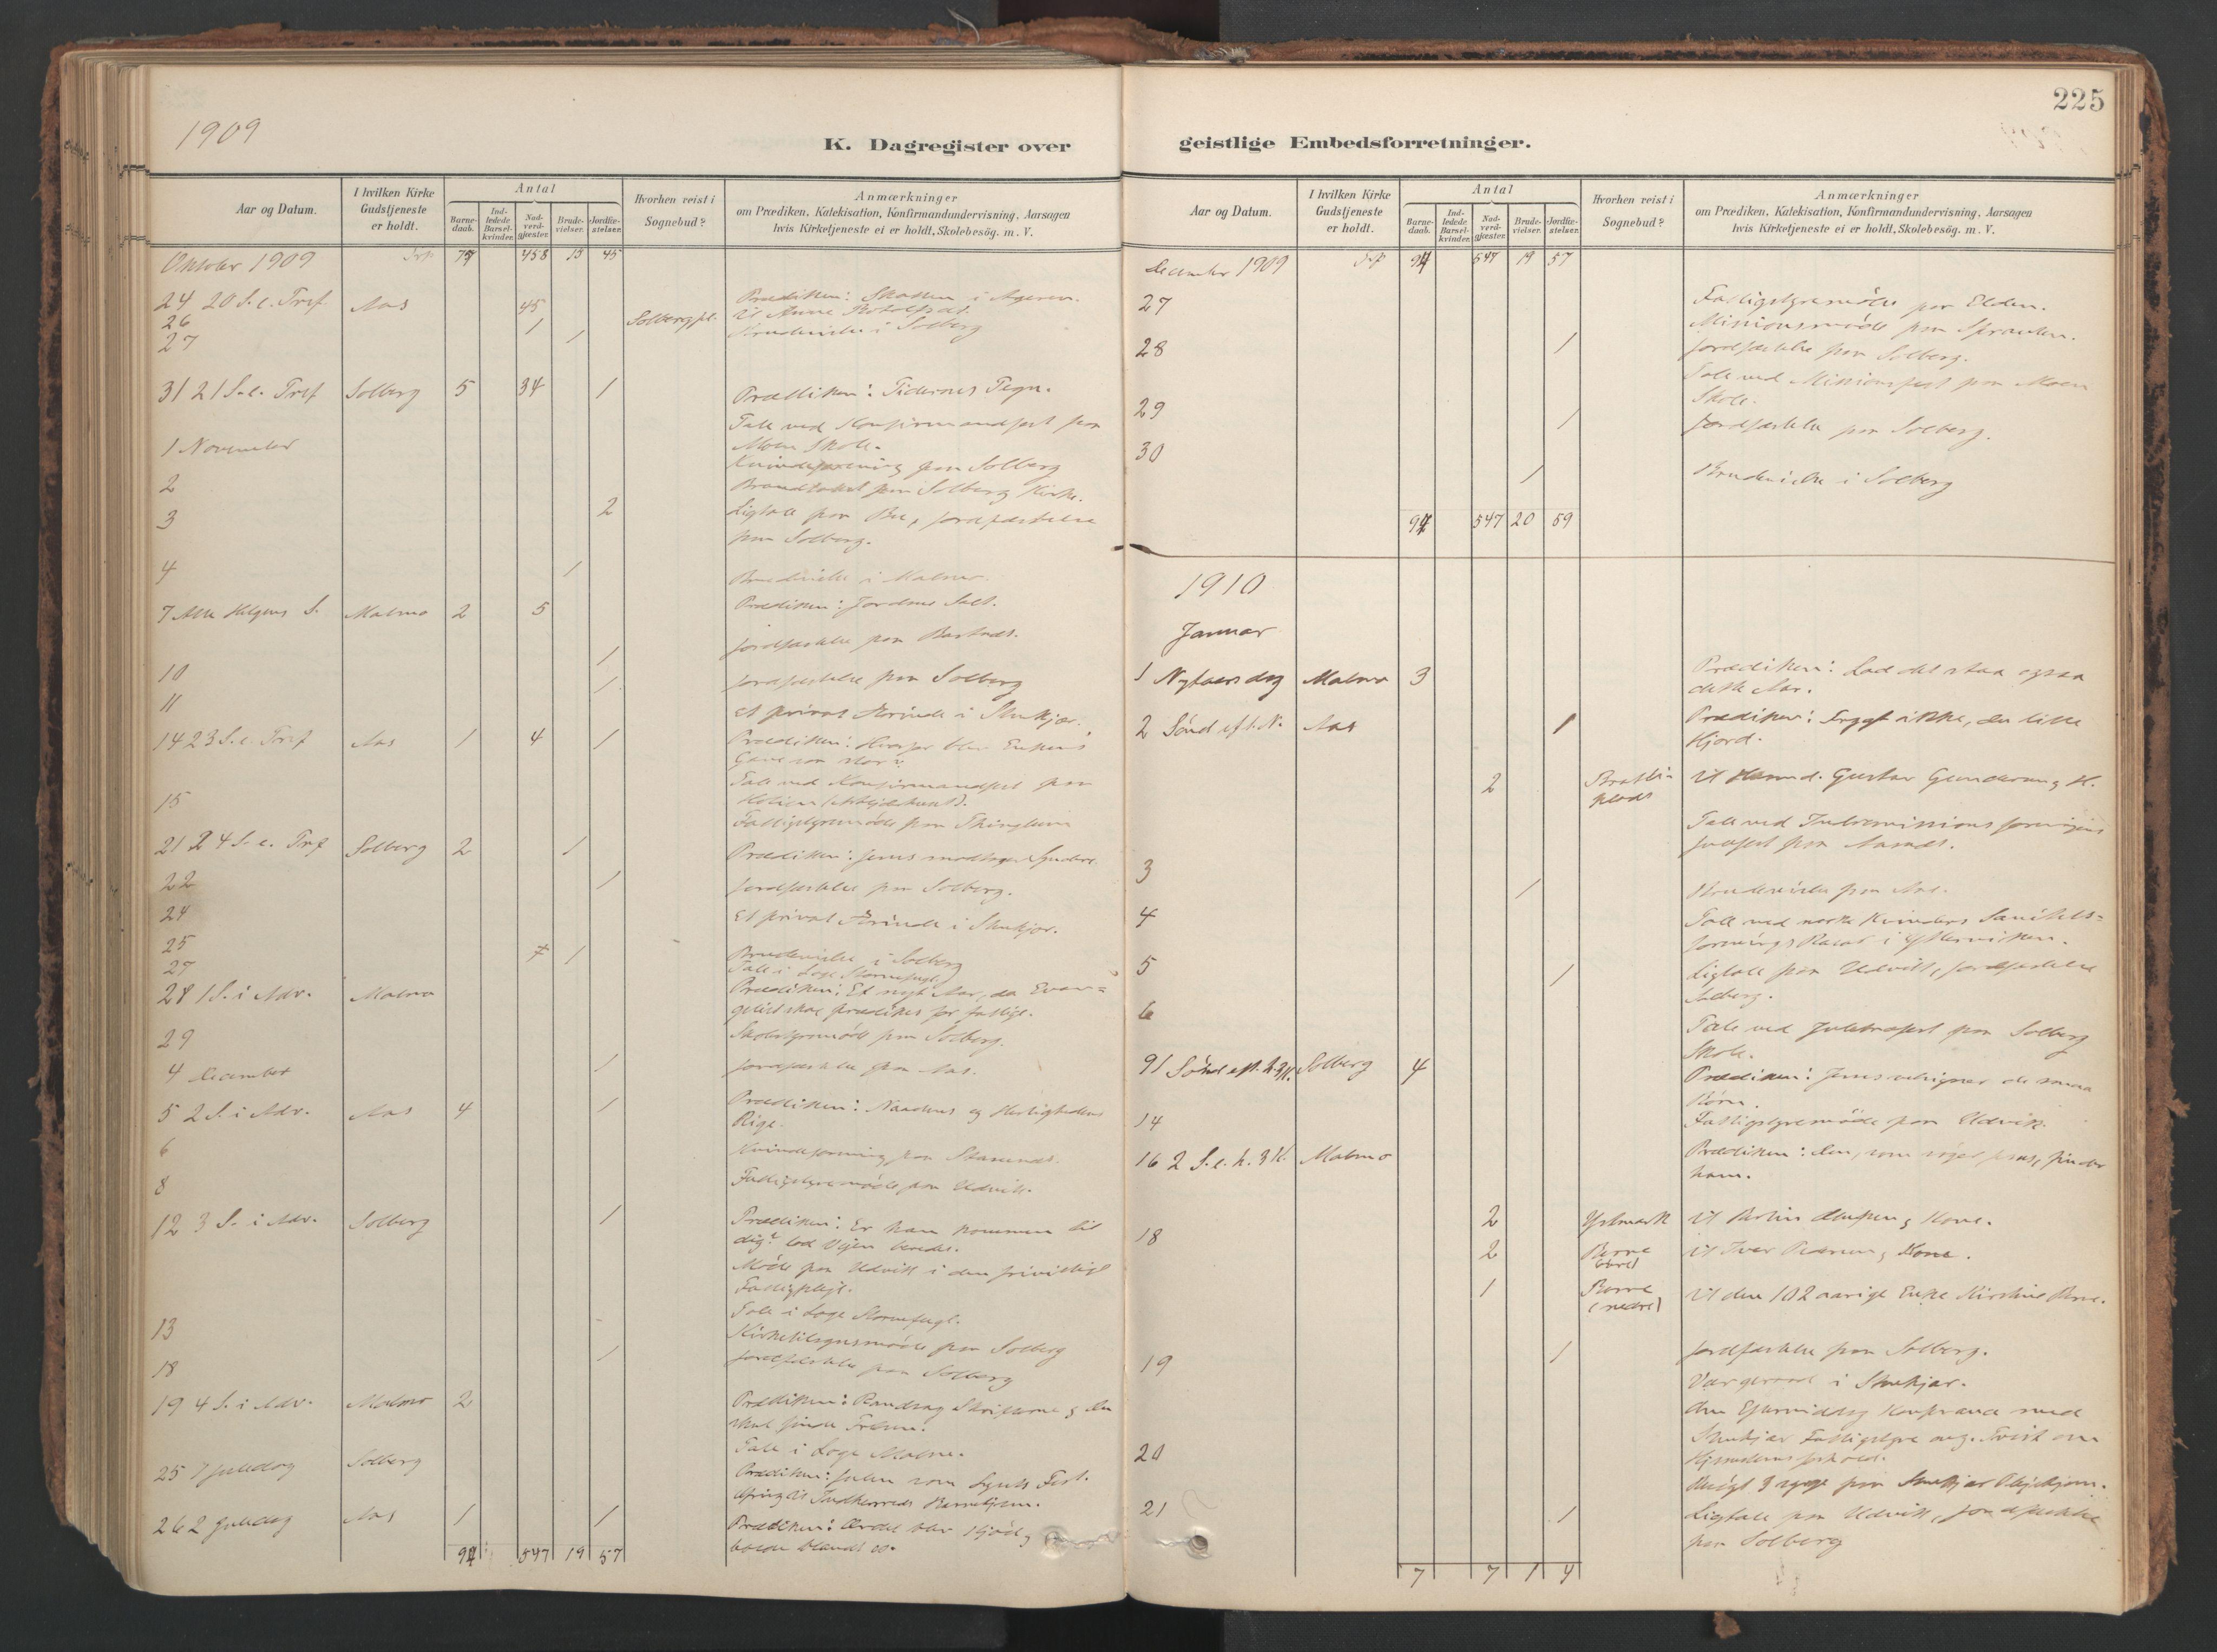 SAT, Ministerialprotokoller, klokkerbøker og fødselsregistre - Nord-Trøndelag, 741/L0397: Ministerialbok nr. 741A11, 1901-1911, s. 225